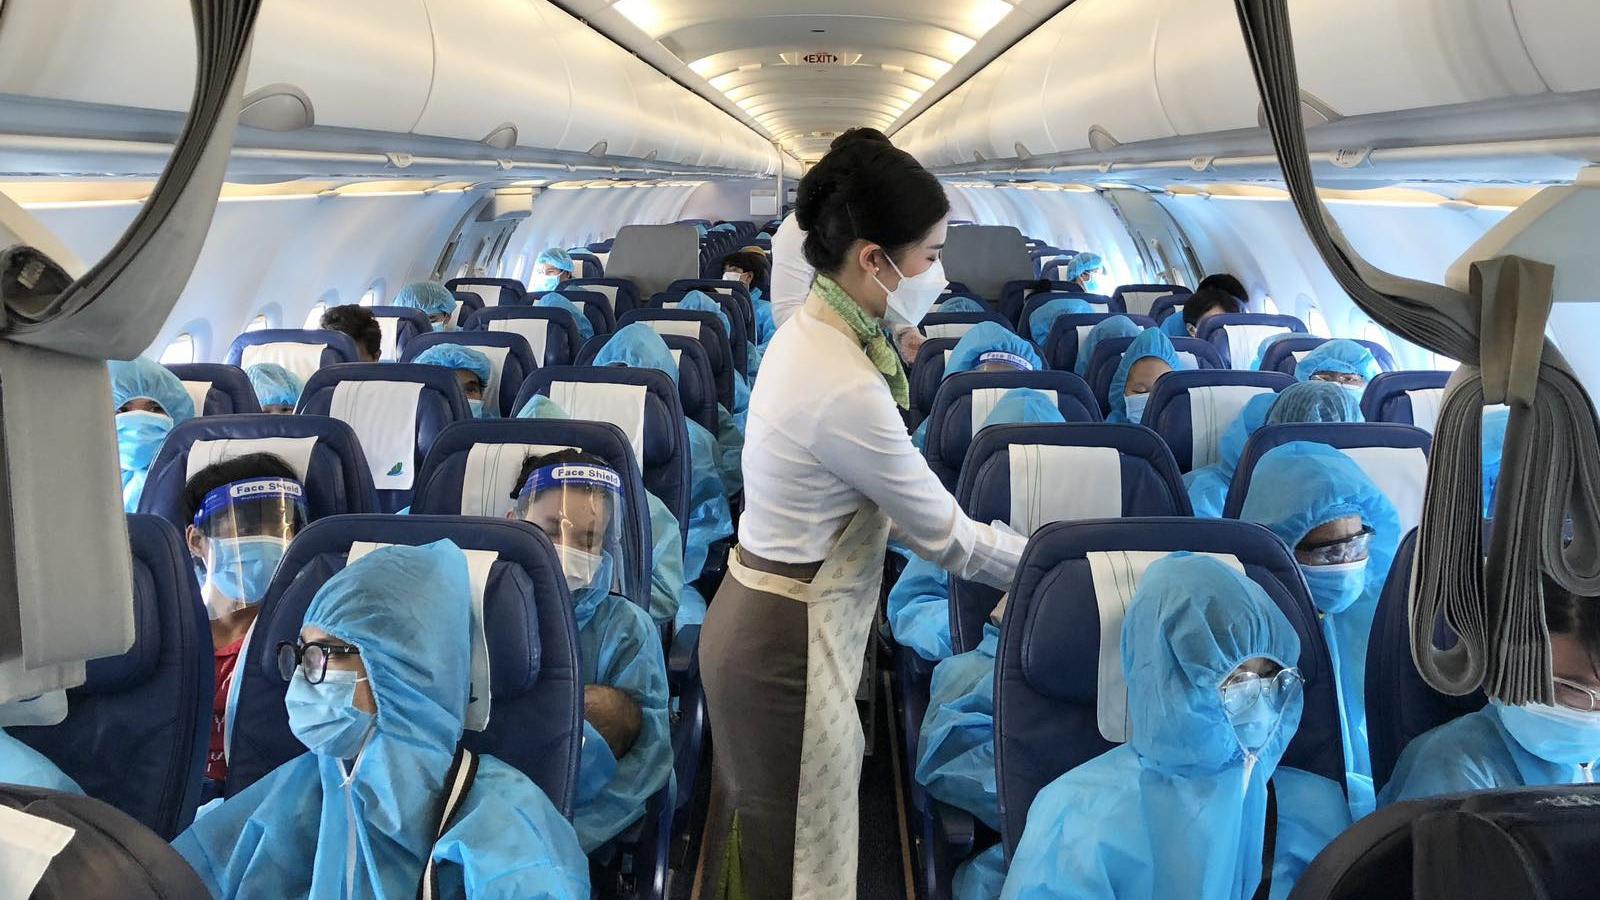 Vỡ oà niềm vui trên chuyến bay Bamboo Airways chở người Gia Lai từ TP.HCM